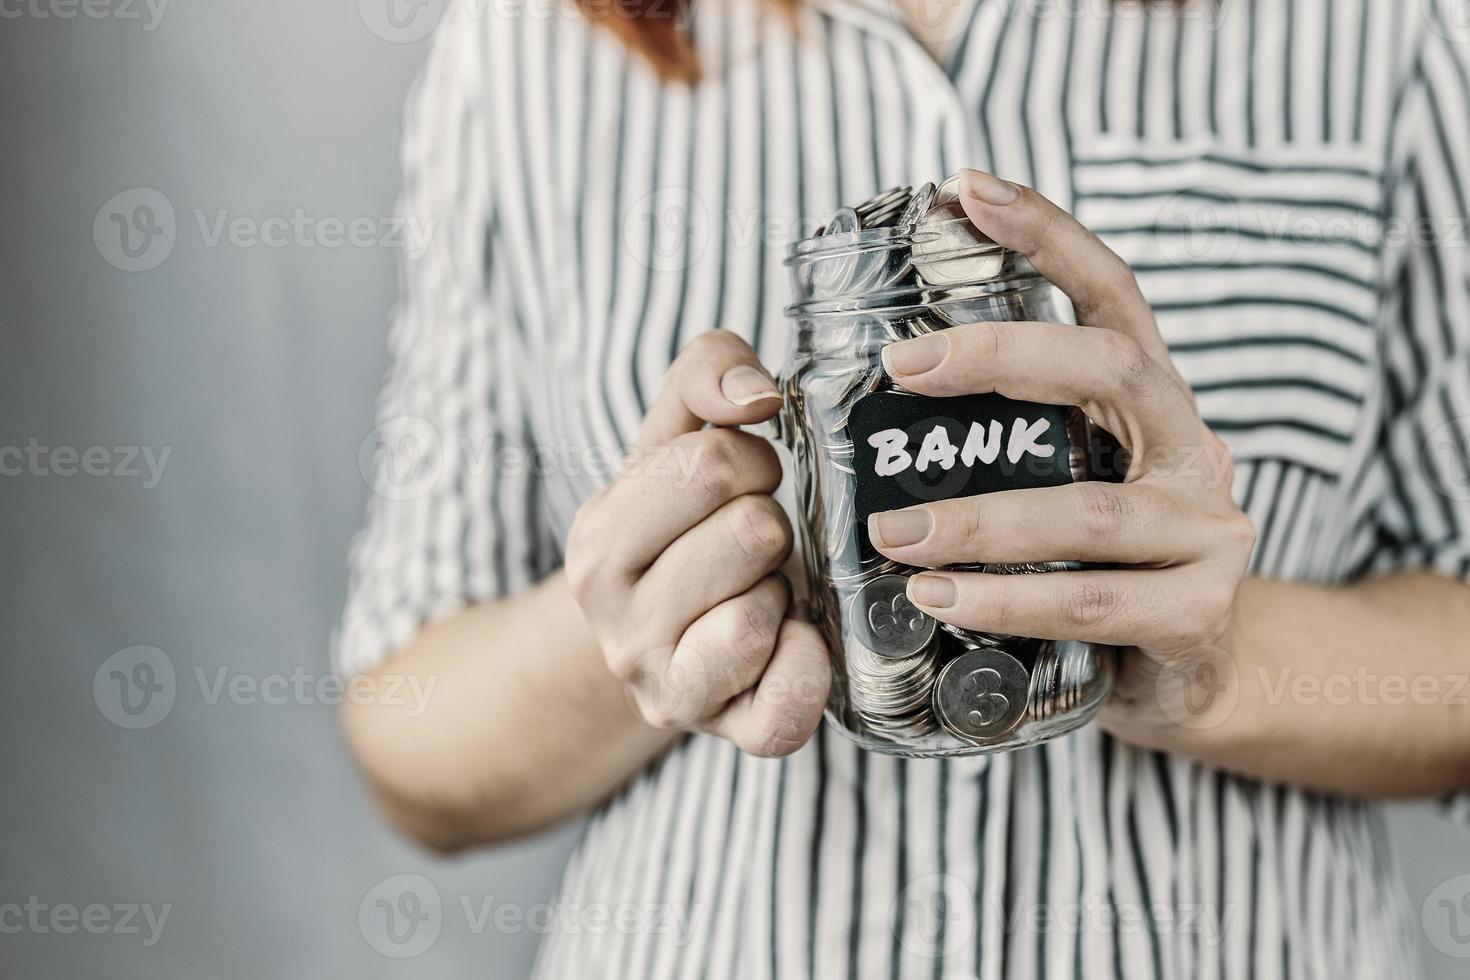 botella de vidrio con monedas en manos de mujeres foto